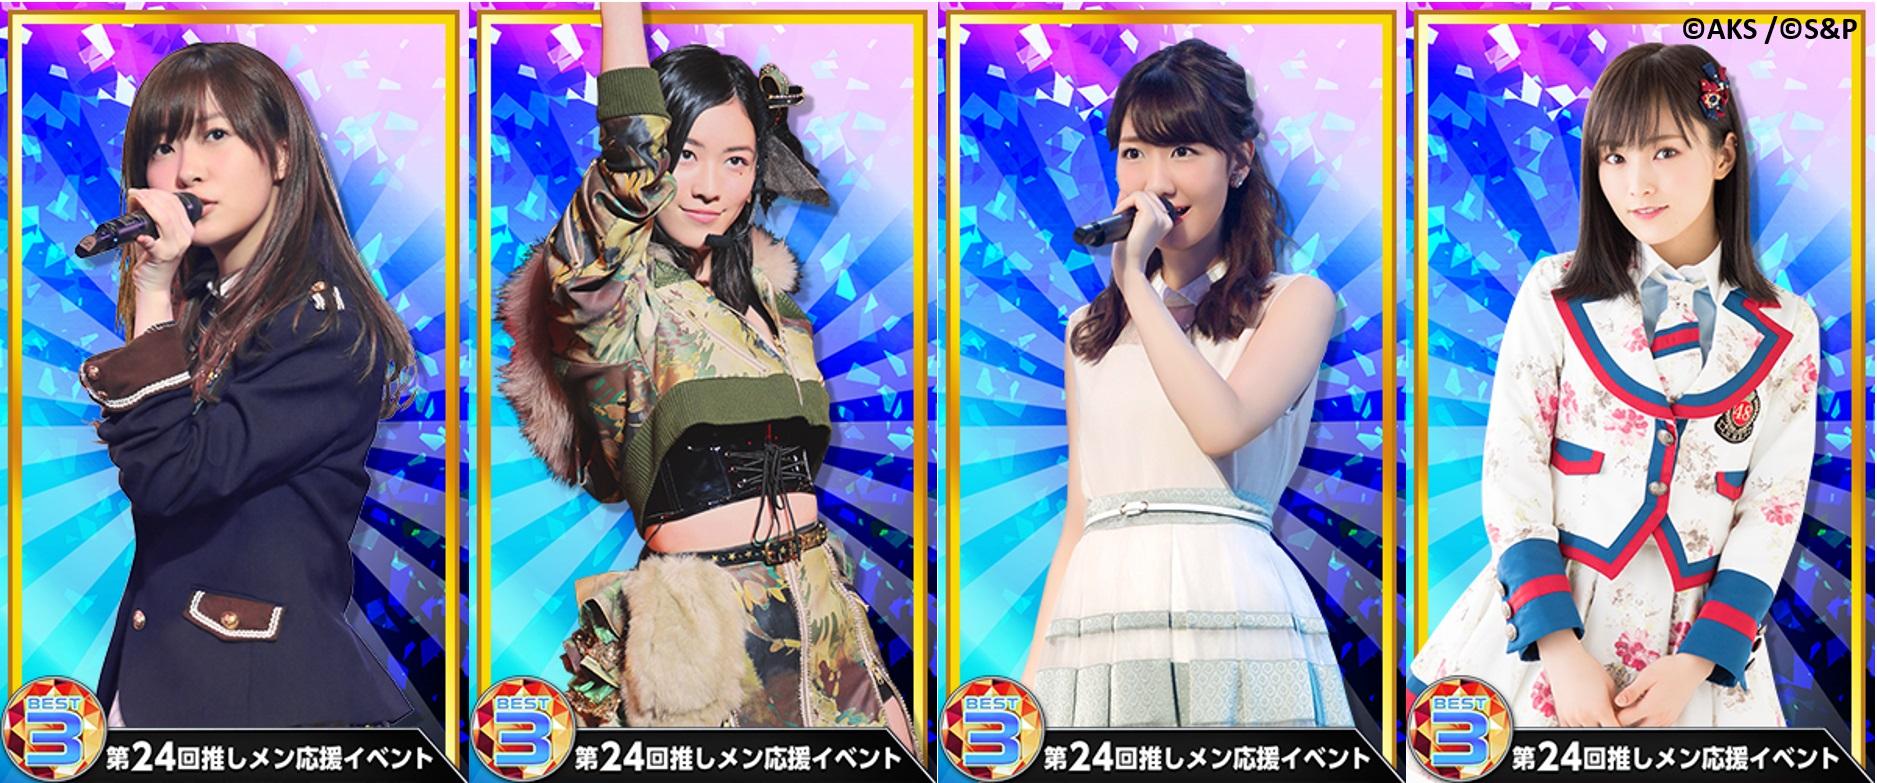 『AKB48グループ公式音ゲー』で「第24回 推しメン応援イベント」が開催!